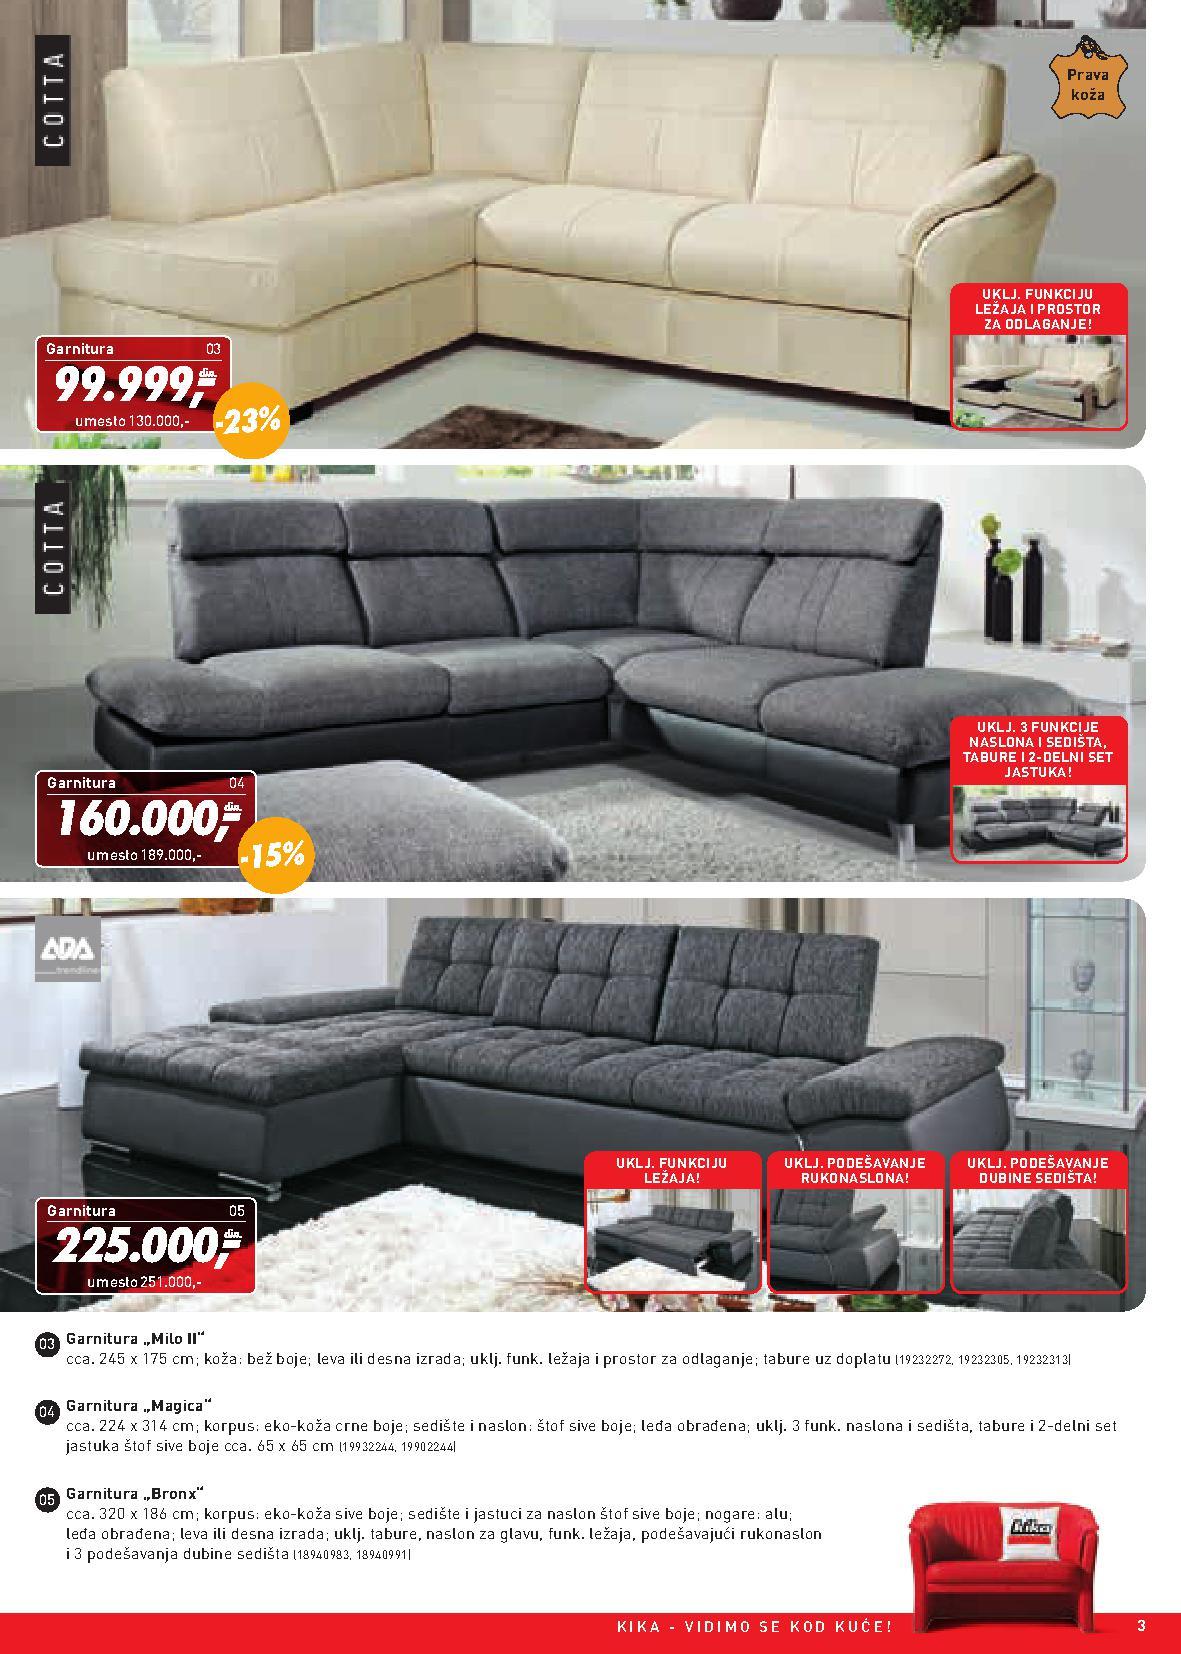 Kika katalog najpovoljnije cene